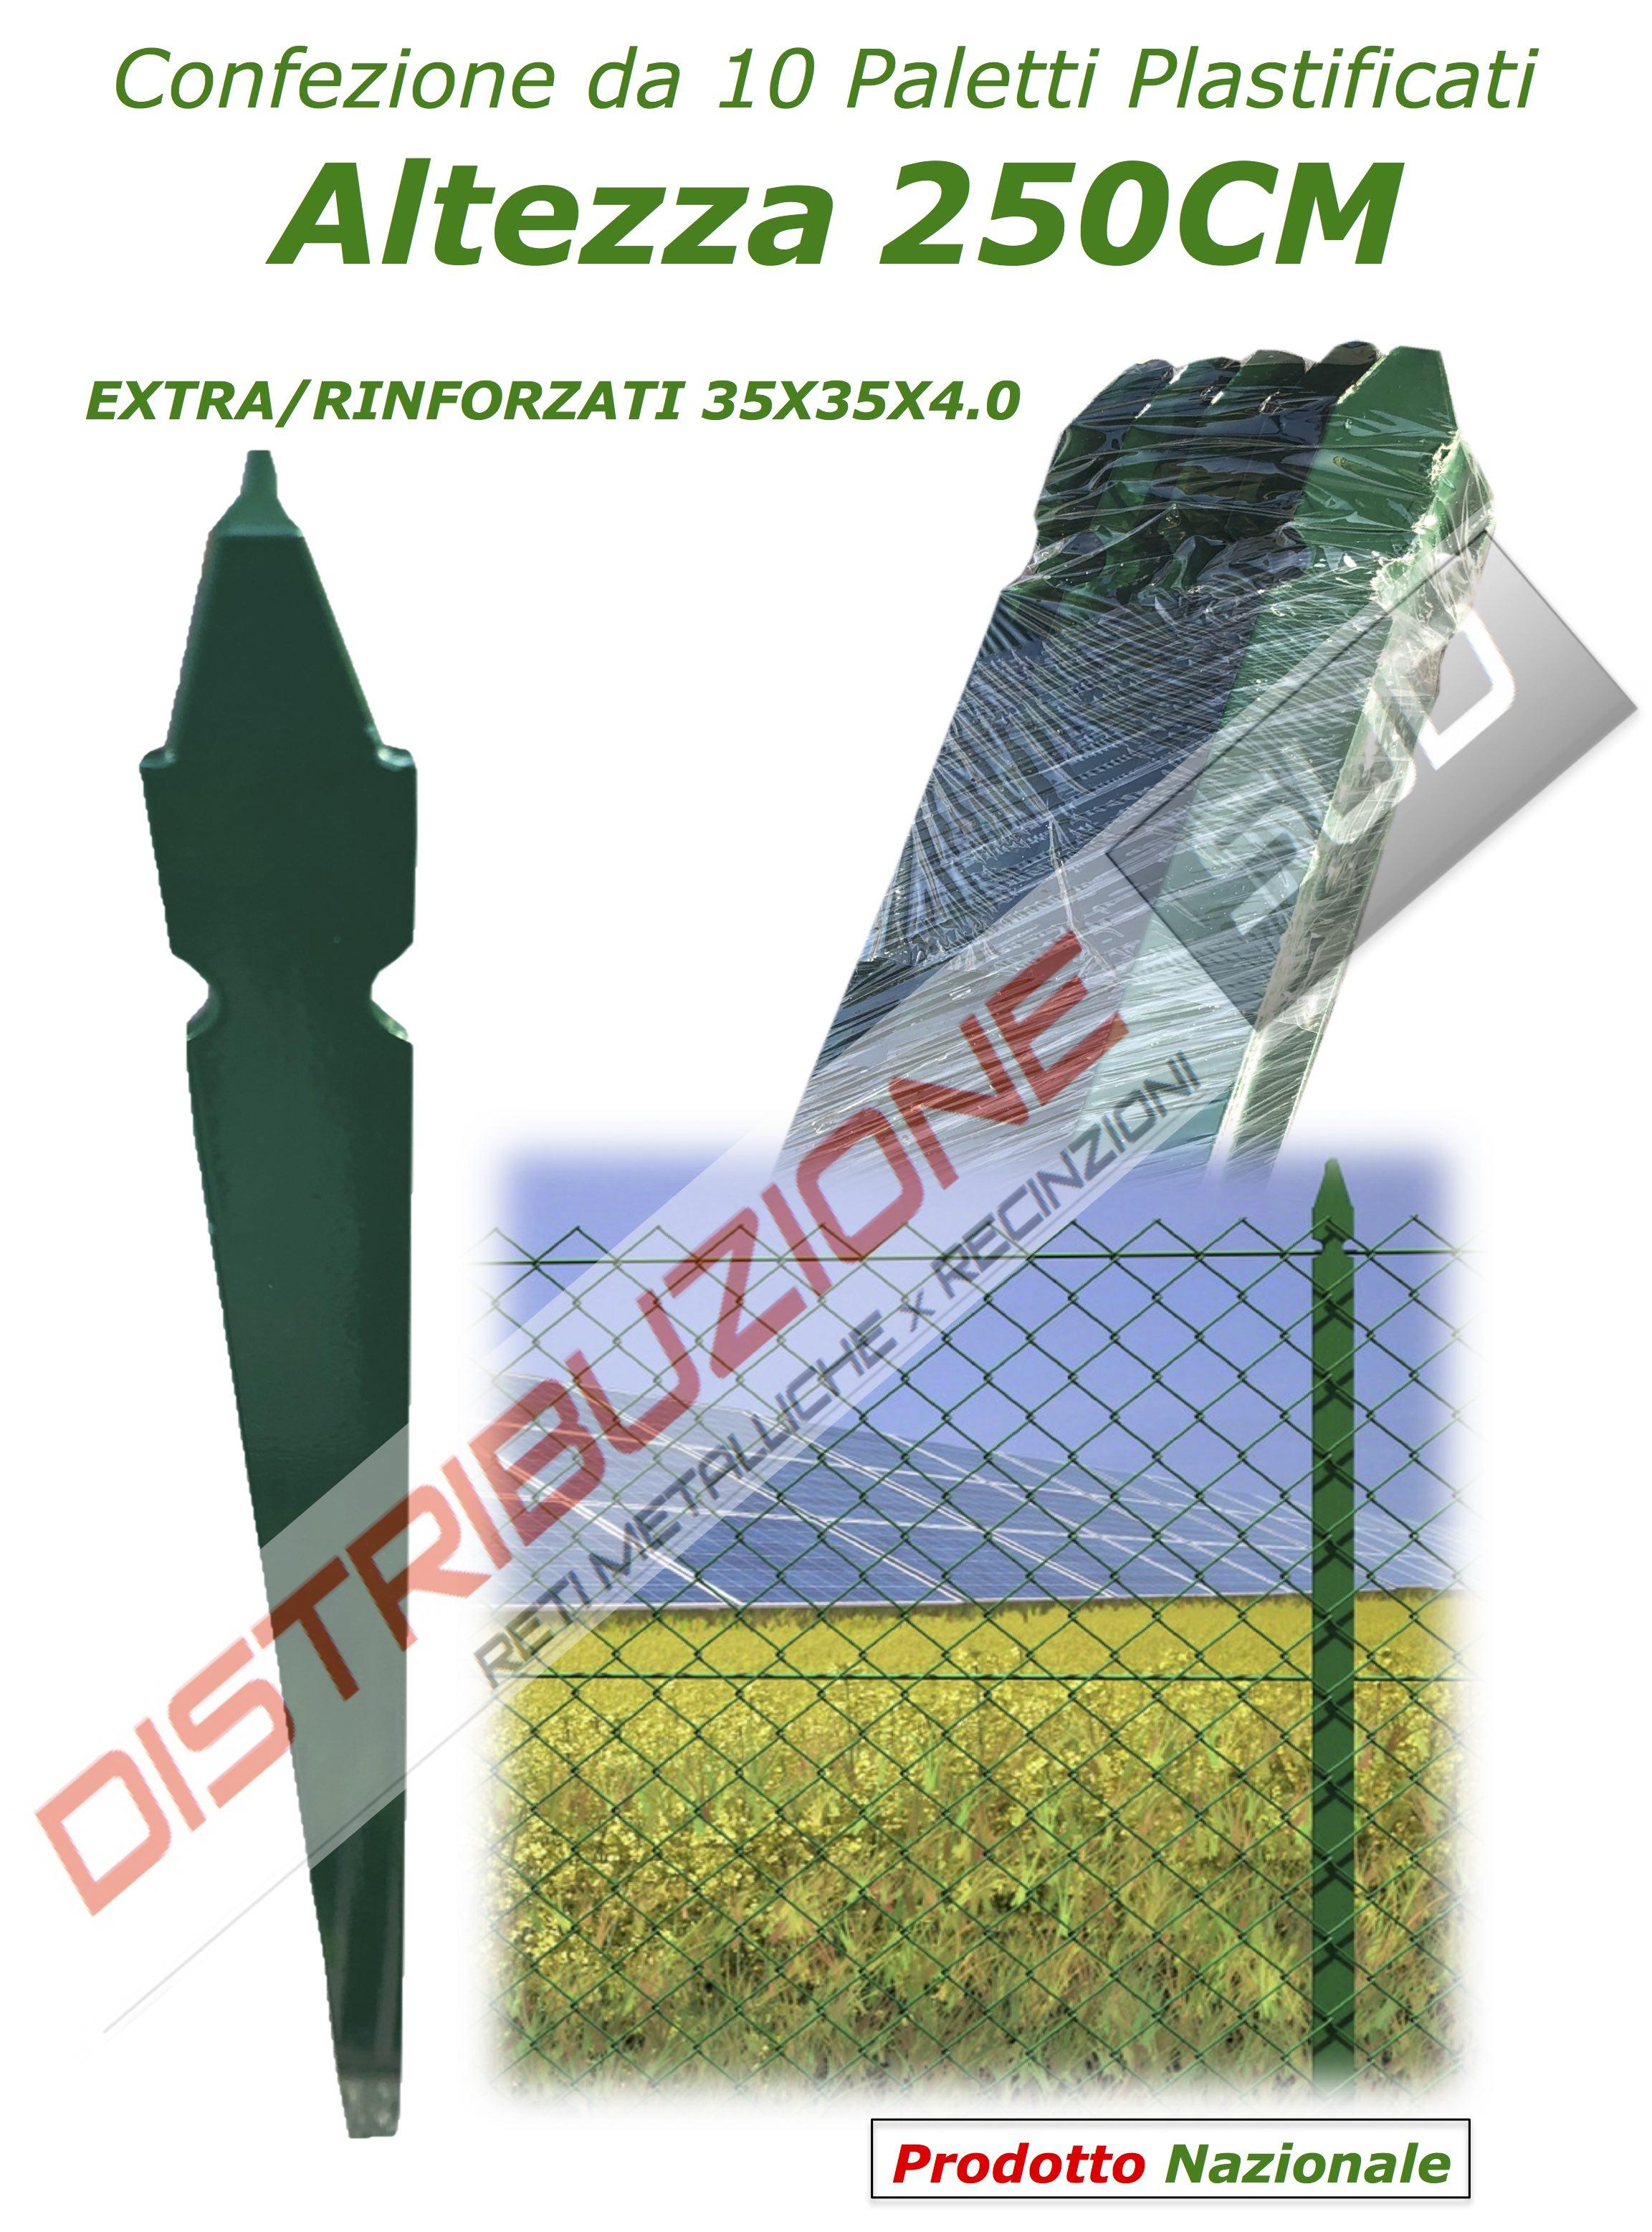 paletto extra/rinforzato 35x35x4.0